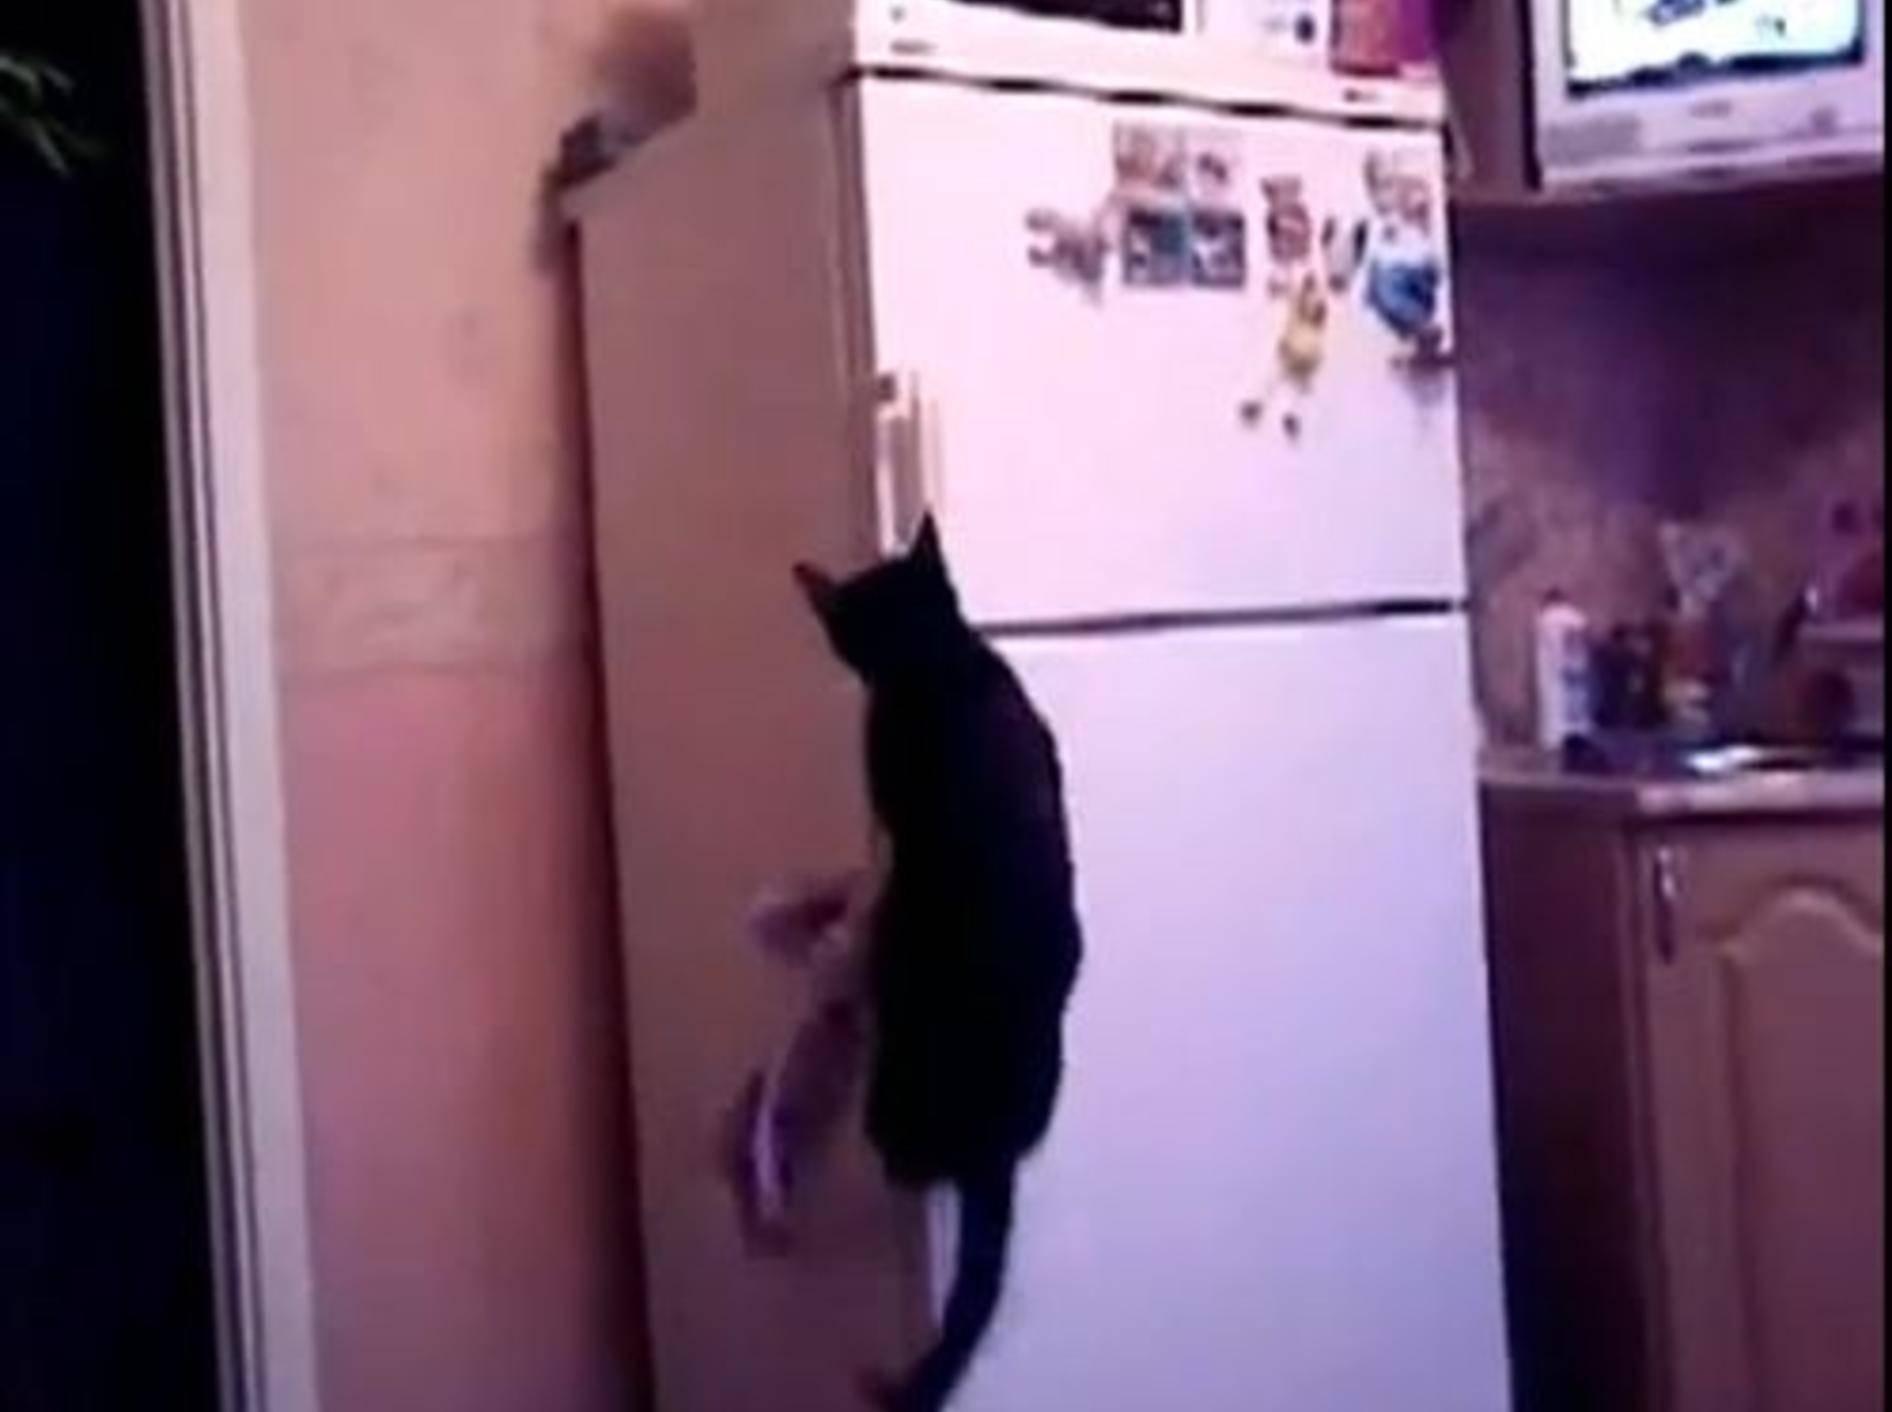 Indiana-Jones-Katze zeigt, wie man ein Eisfach öffnet — Bild: Youtube / kotenokmasha